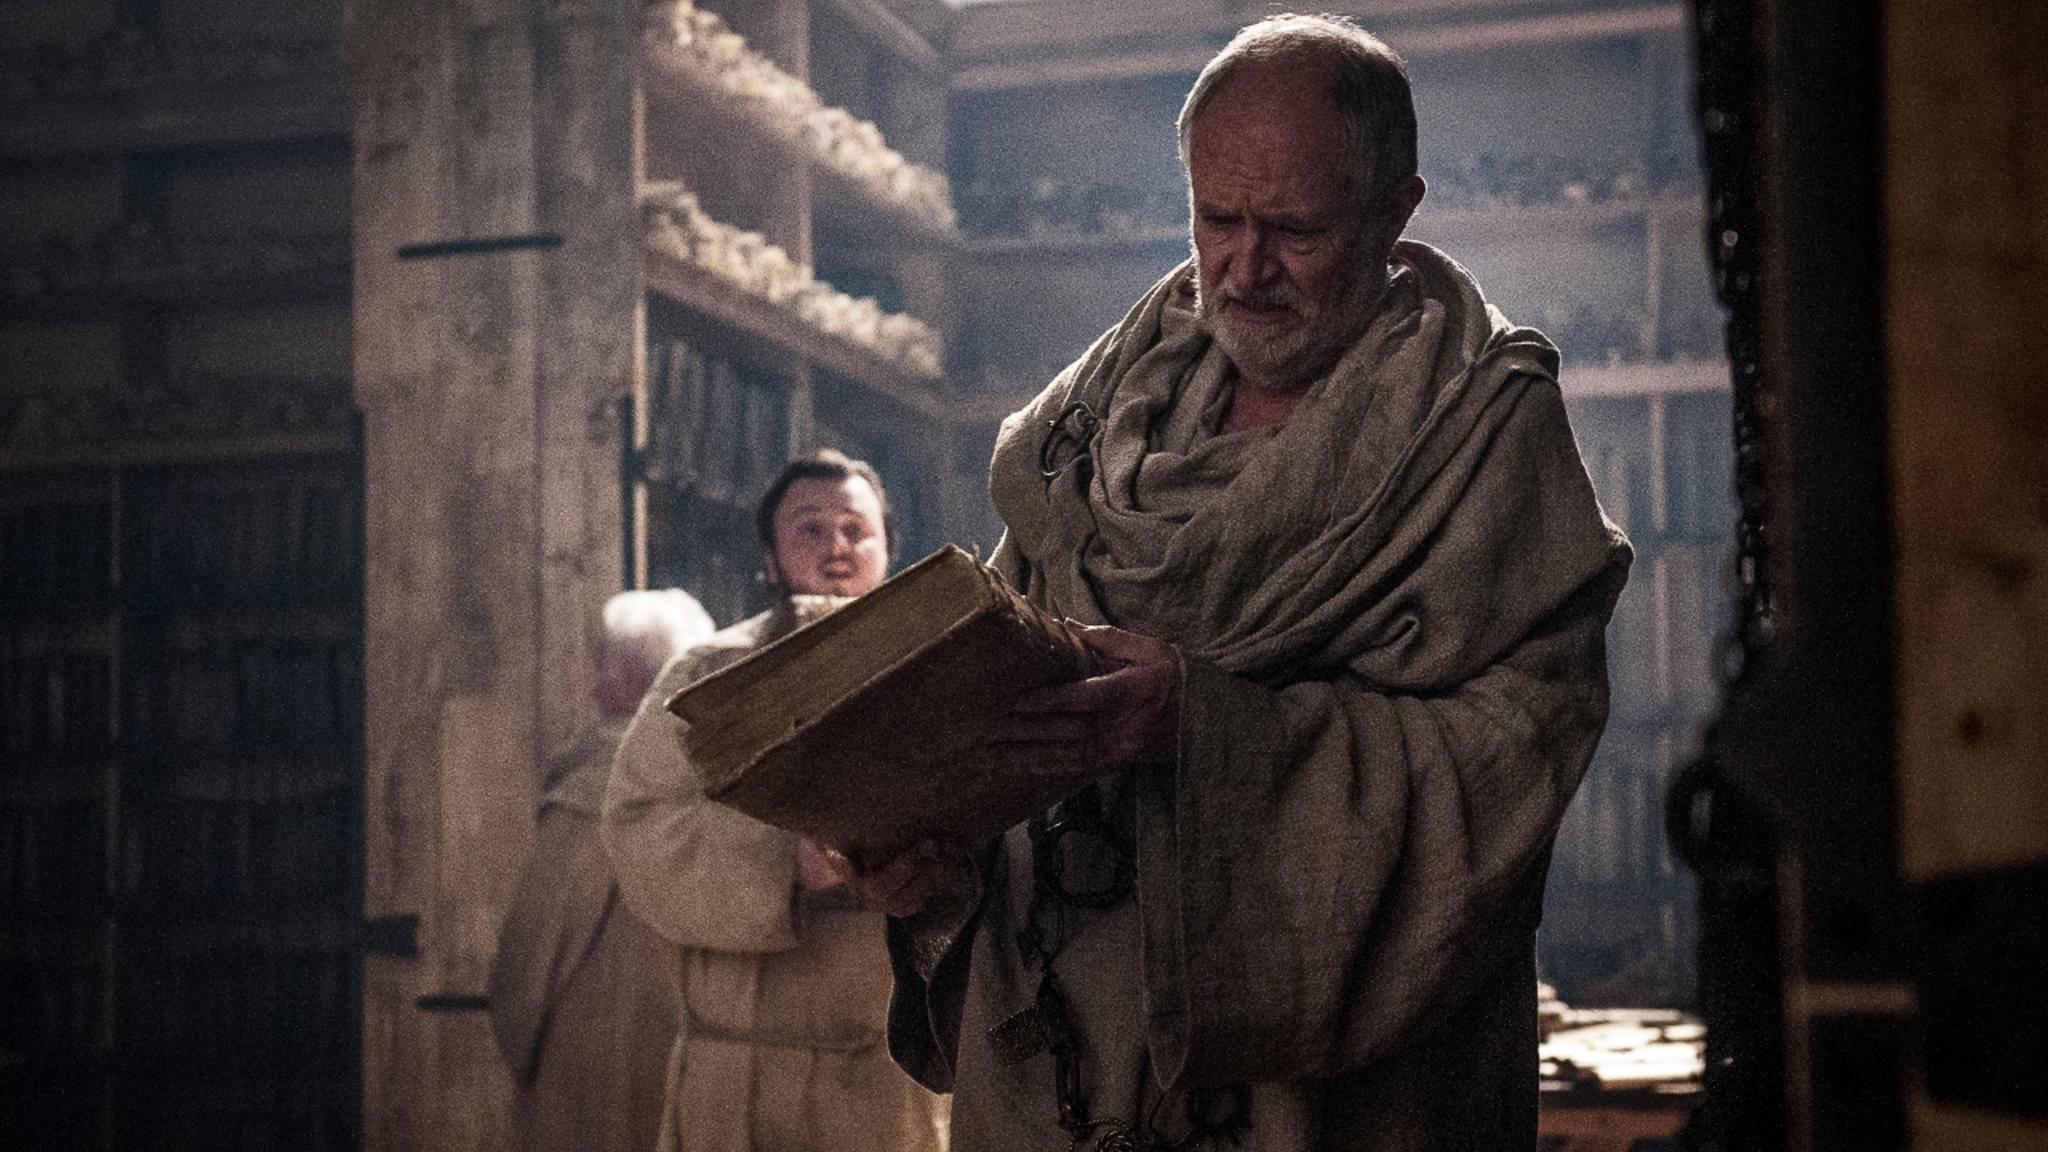 Maester werden in der Zitadelle ausgebildet.